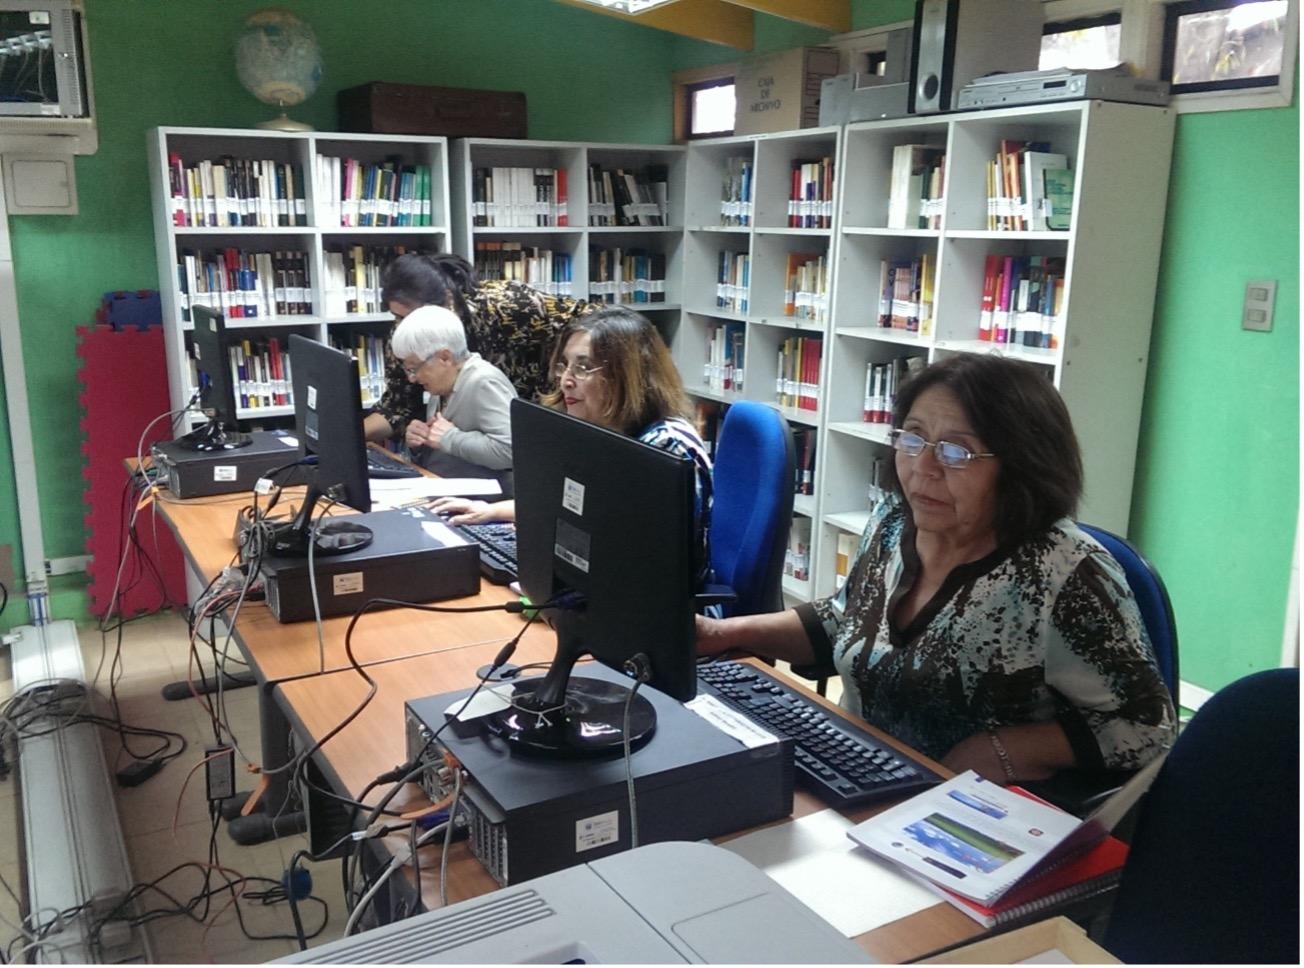 Socias de la Unión comunal de Centros de Madres de San Antonio, se capacitan en alfabetización digital gracias al aporte de nuestra Fundación